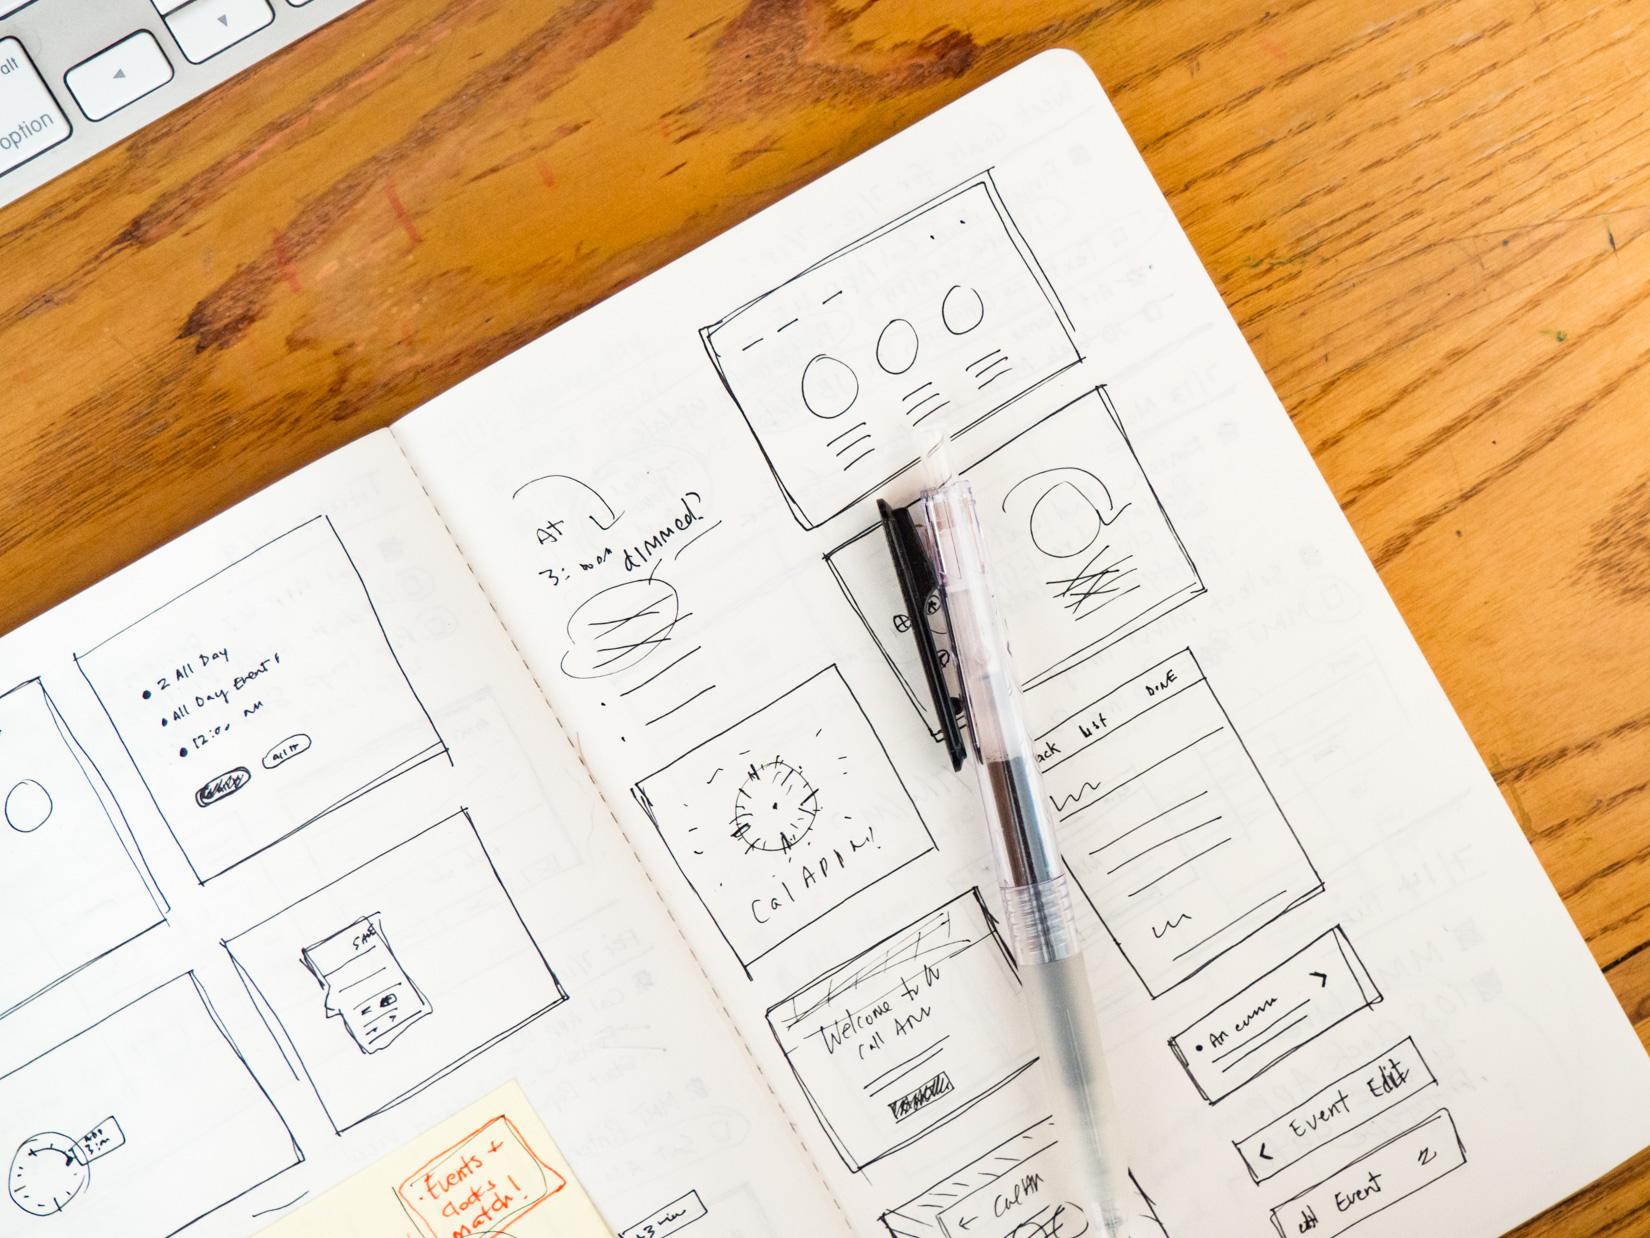 Sketchbook and Pen on Wooden Desk